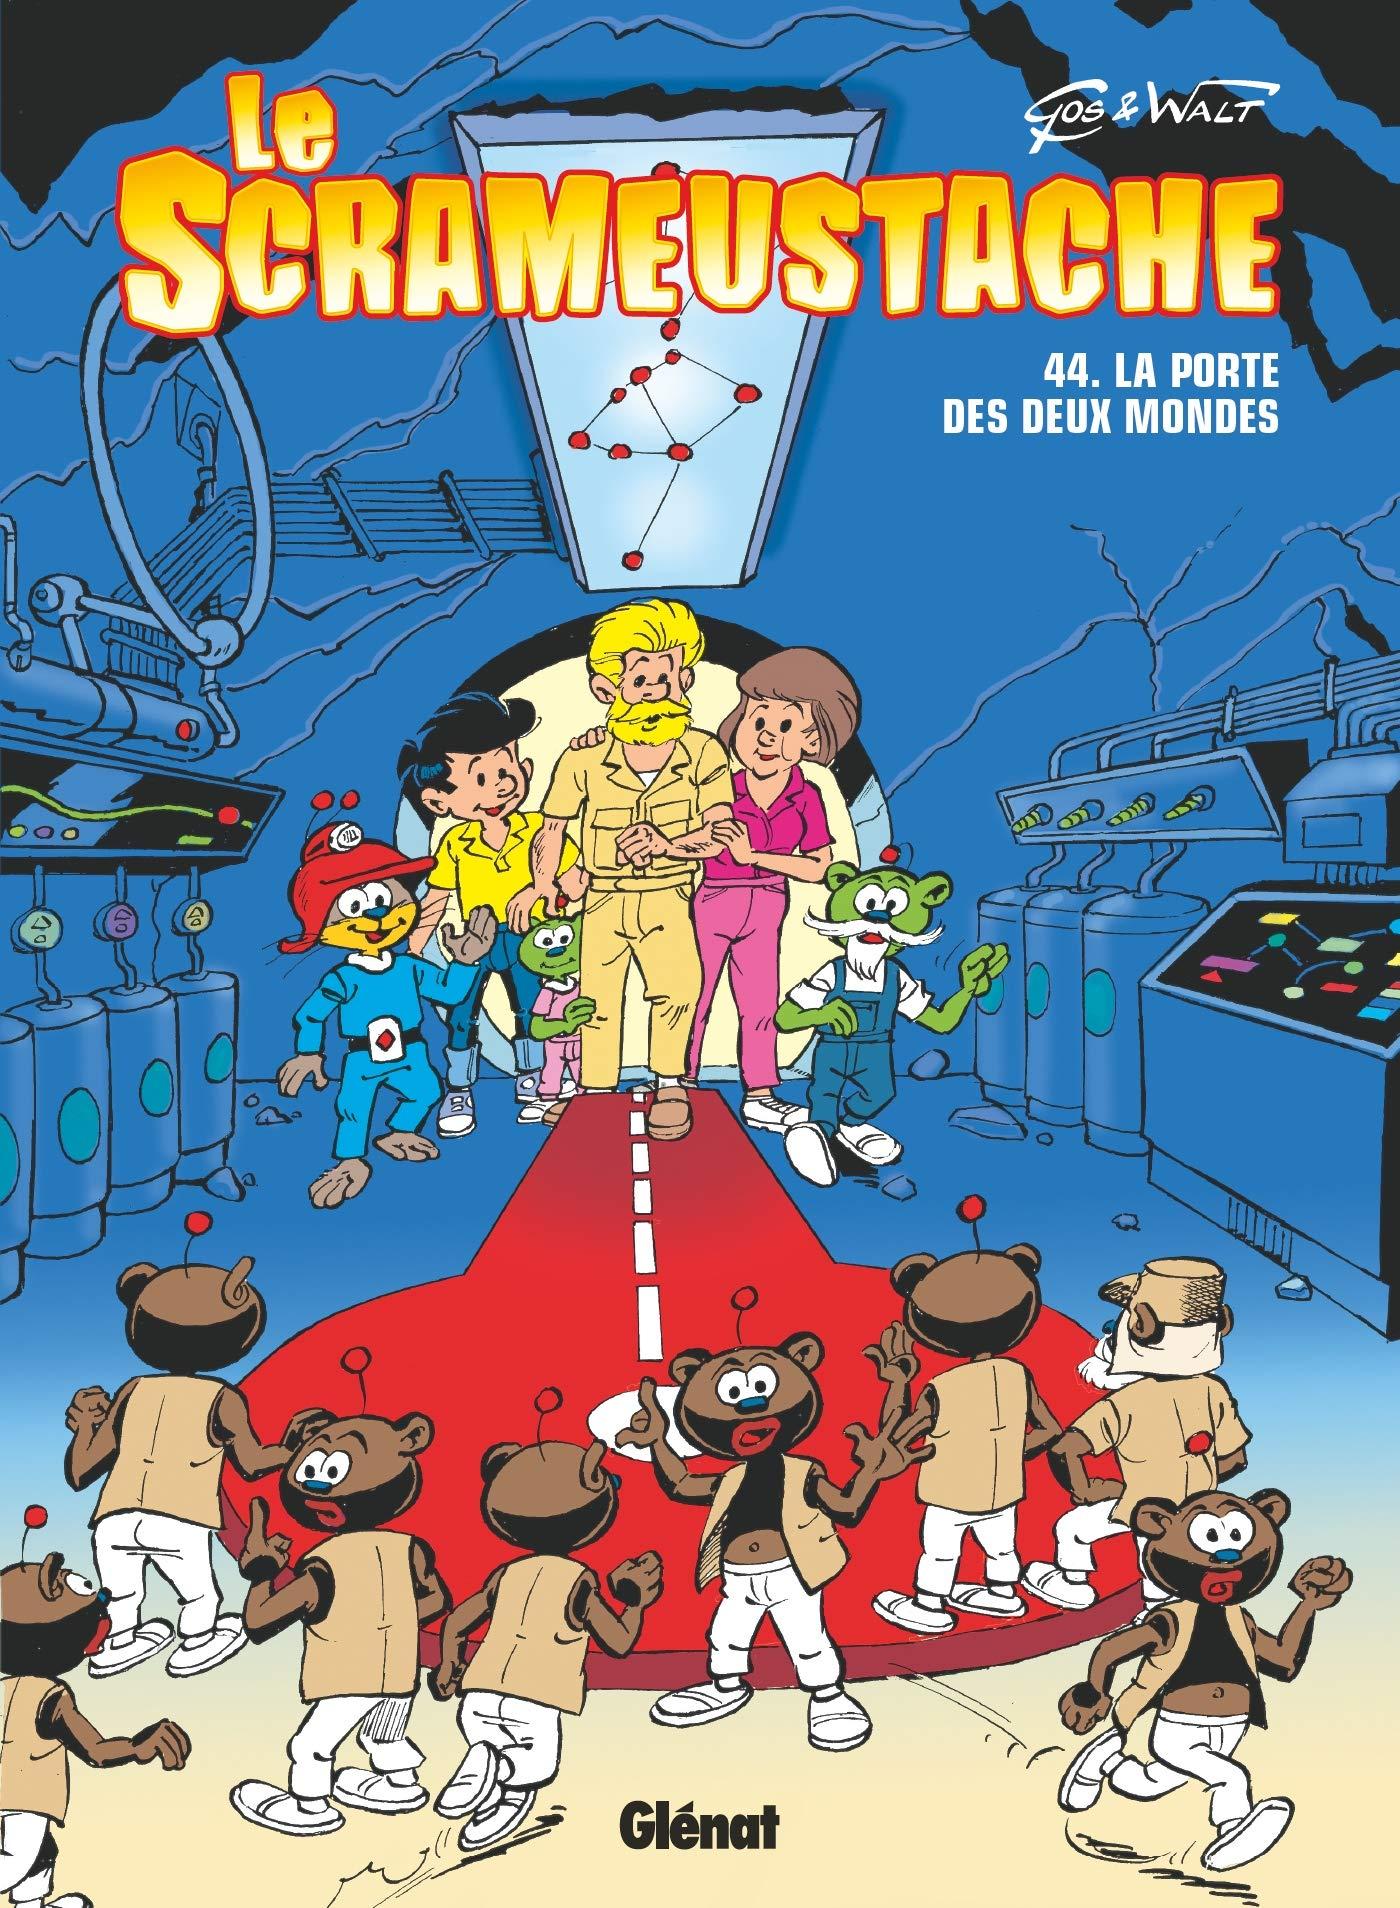 Le Scrameustache 44 - La Porte des deux mondes